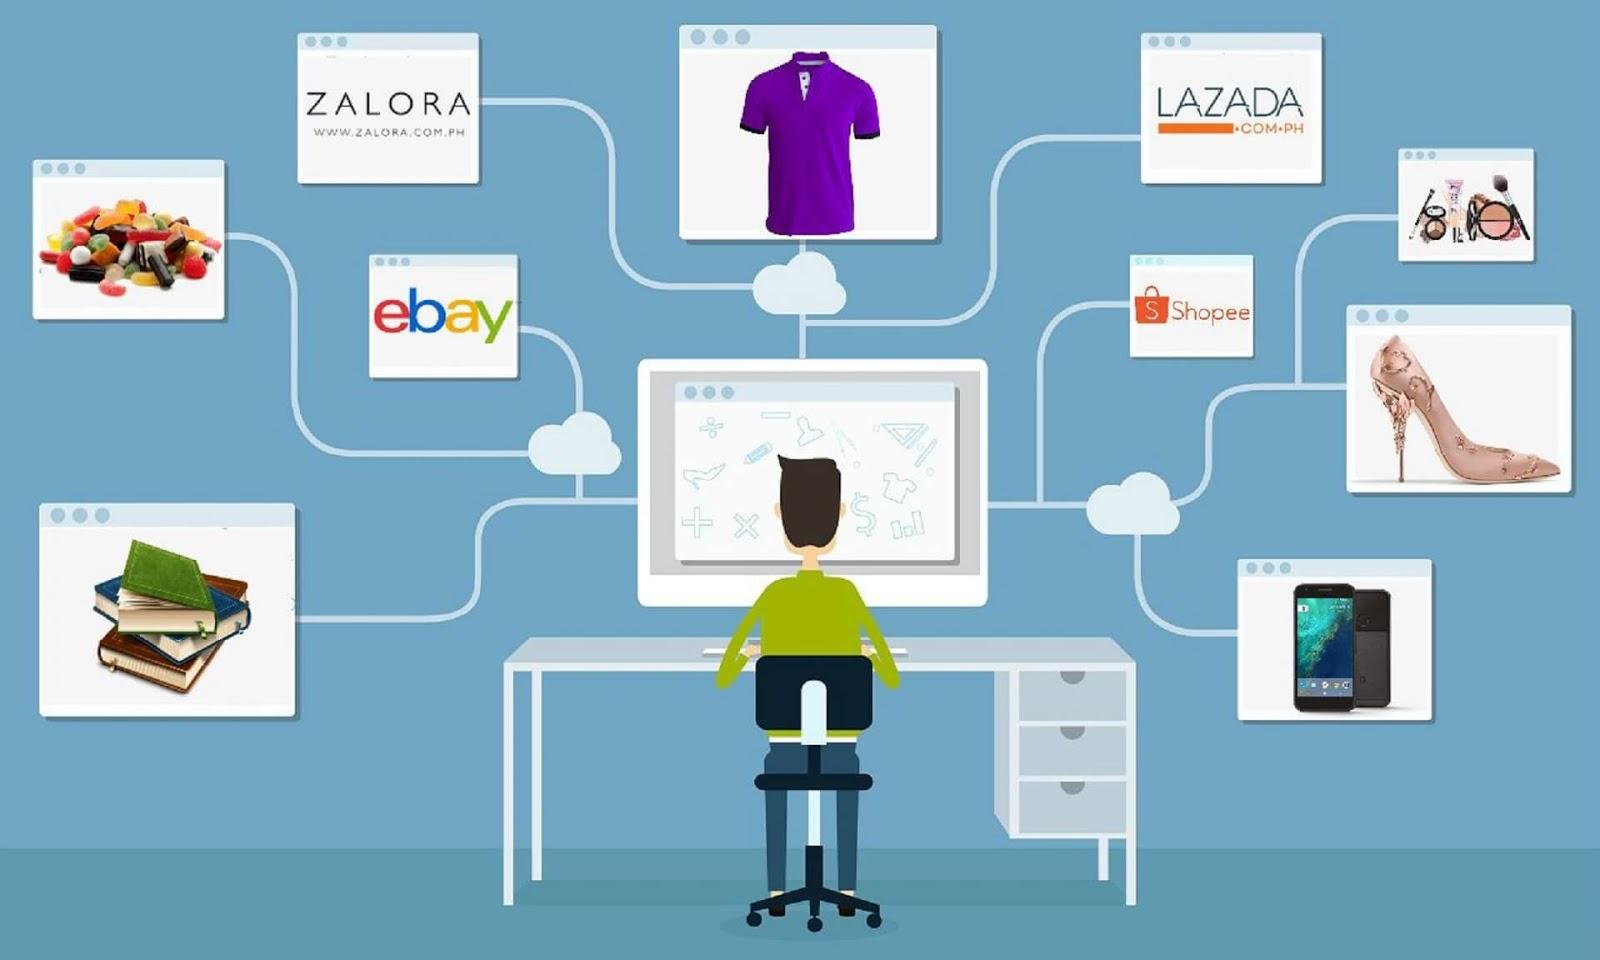 xu hướng kinh doanh online ảnh hưởng gì đến dịch vụ gửi hàng đi Hà Nội